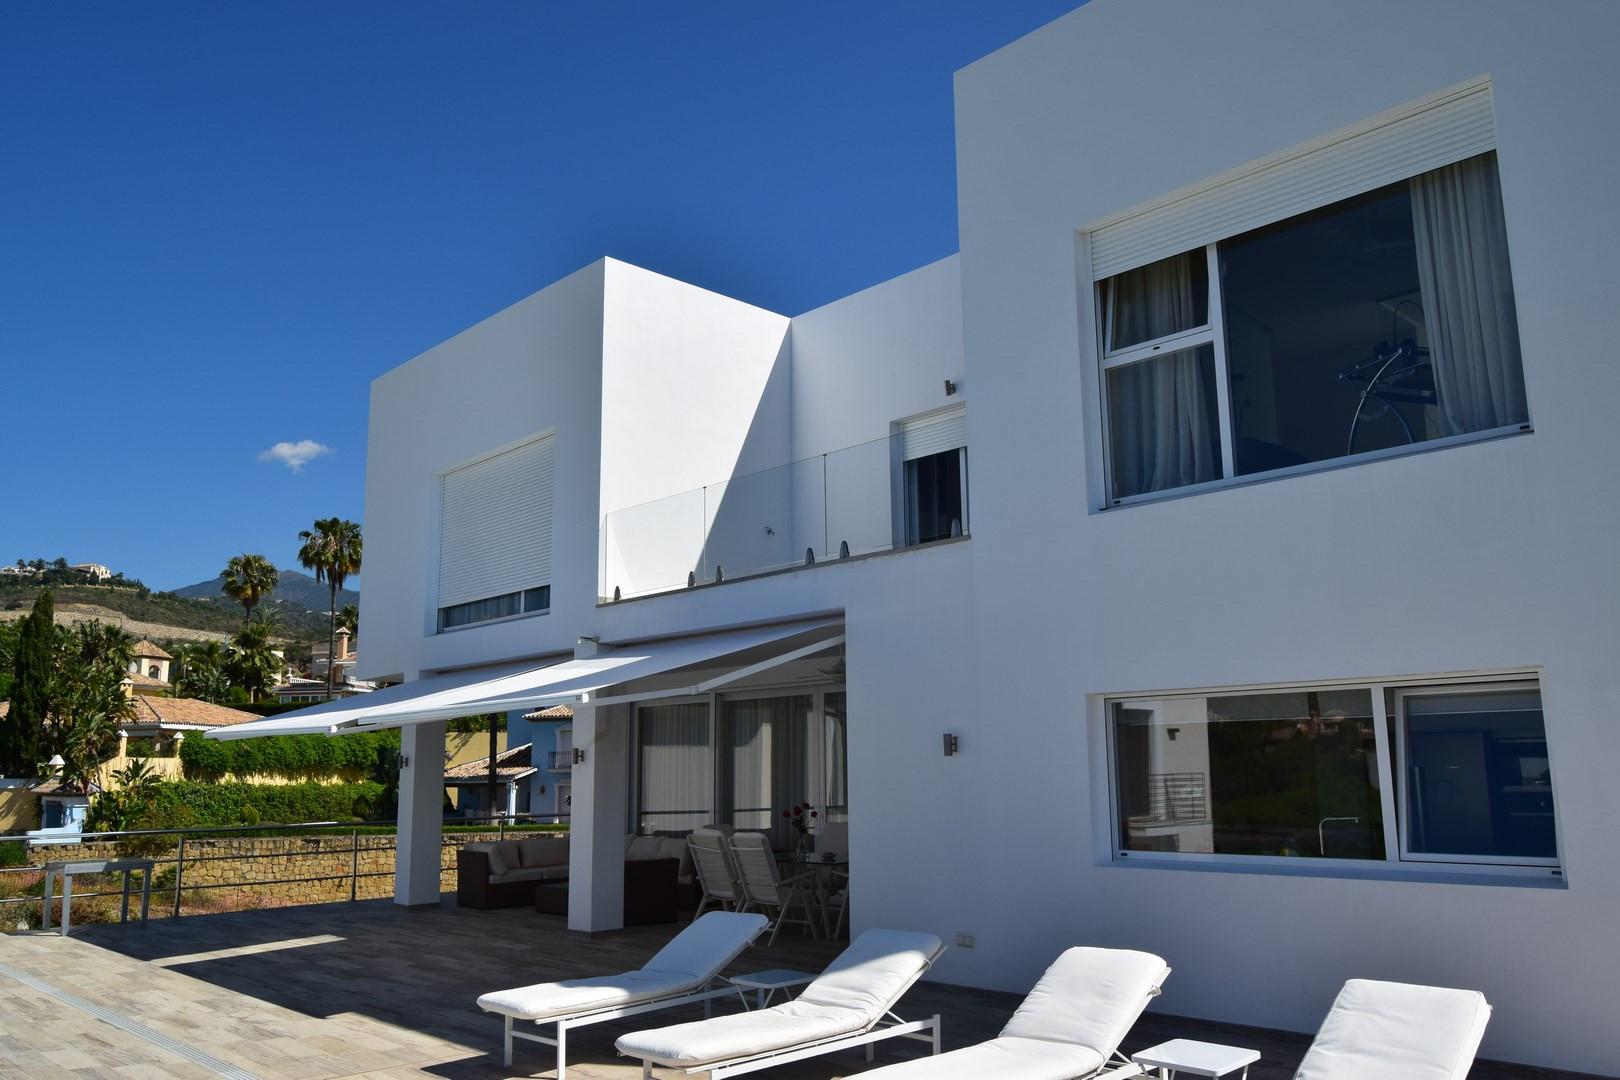 ARFV1840 - Moderne Neubauvilla zum Verkauf in El Herrojo La Quinta in Benahavis